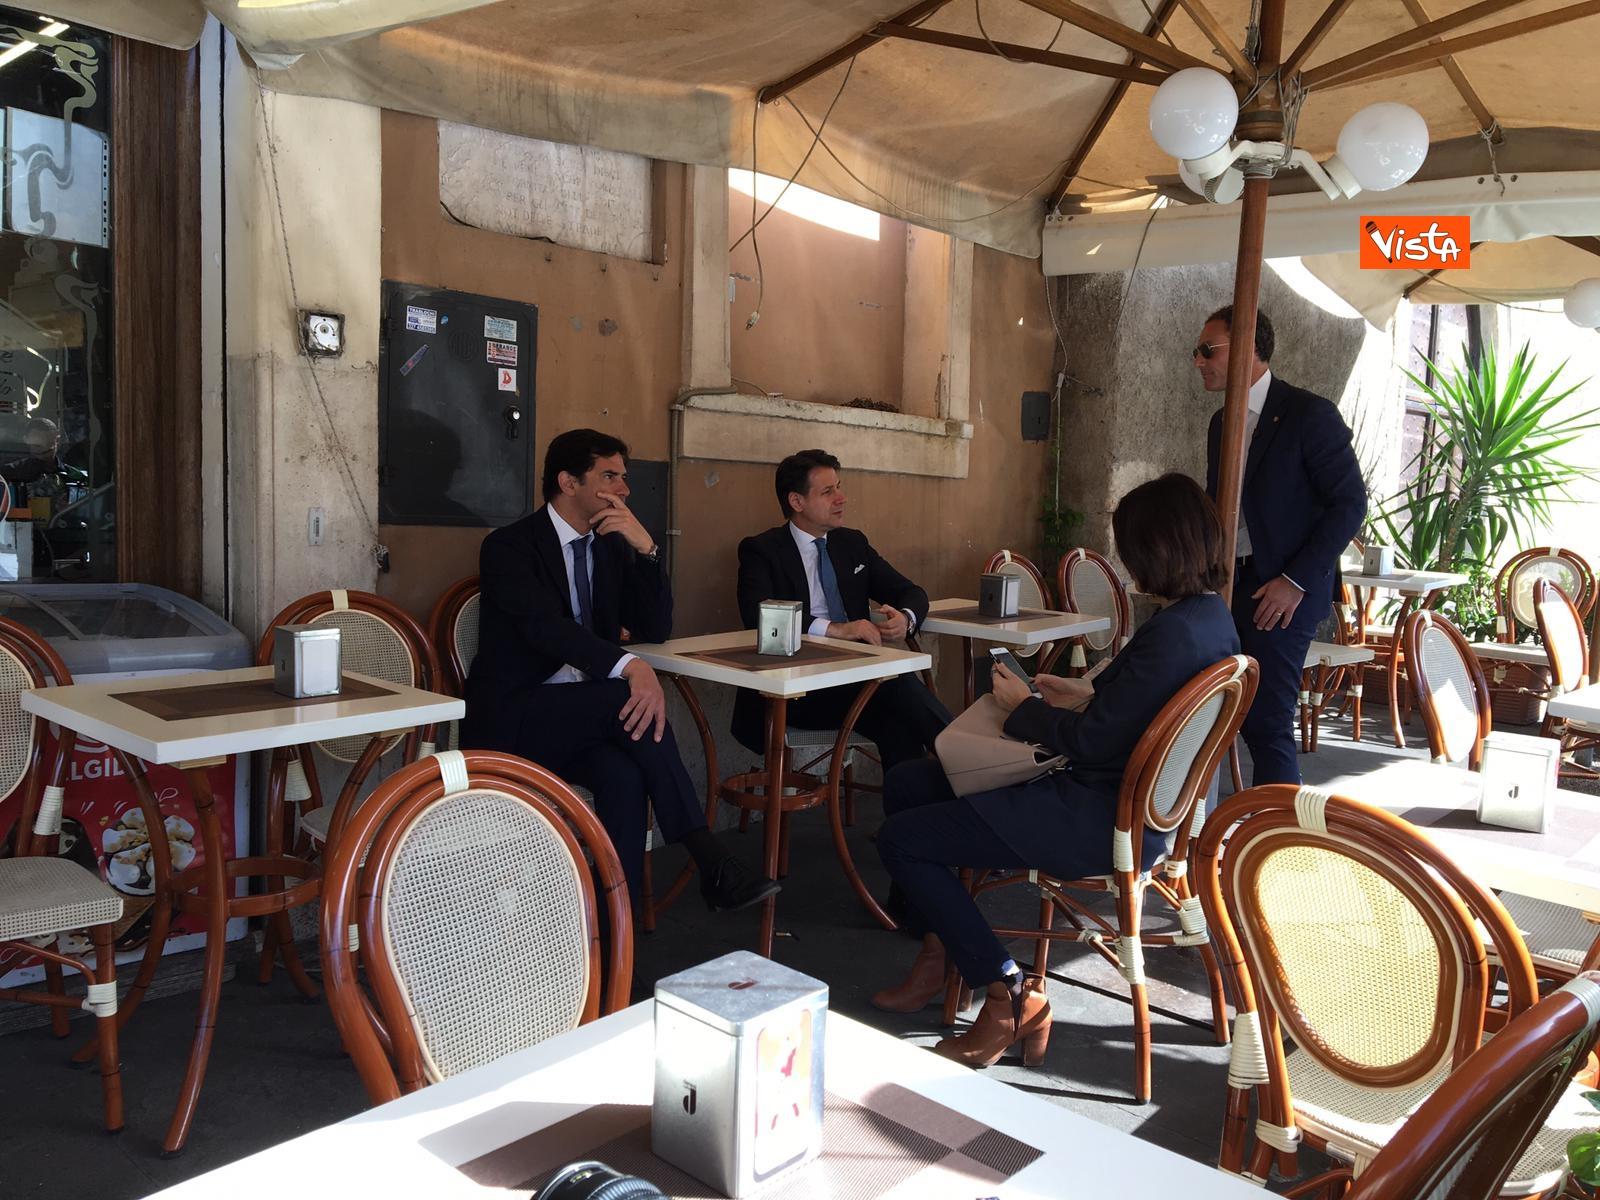 25-04-19 Conte prende un caffe al bar al termine della cerimonia all Altare della Patria per il 25 Aprile_08